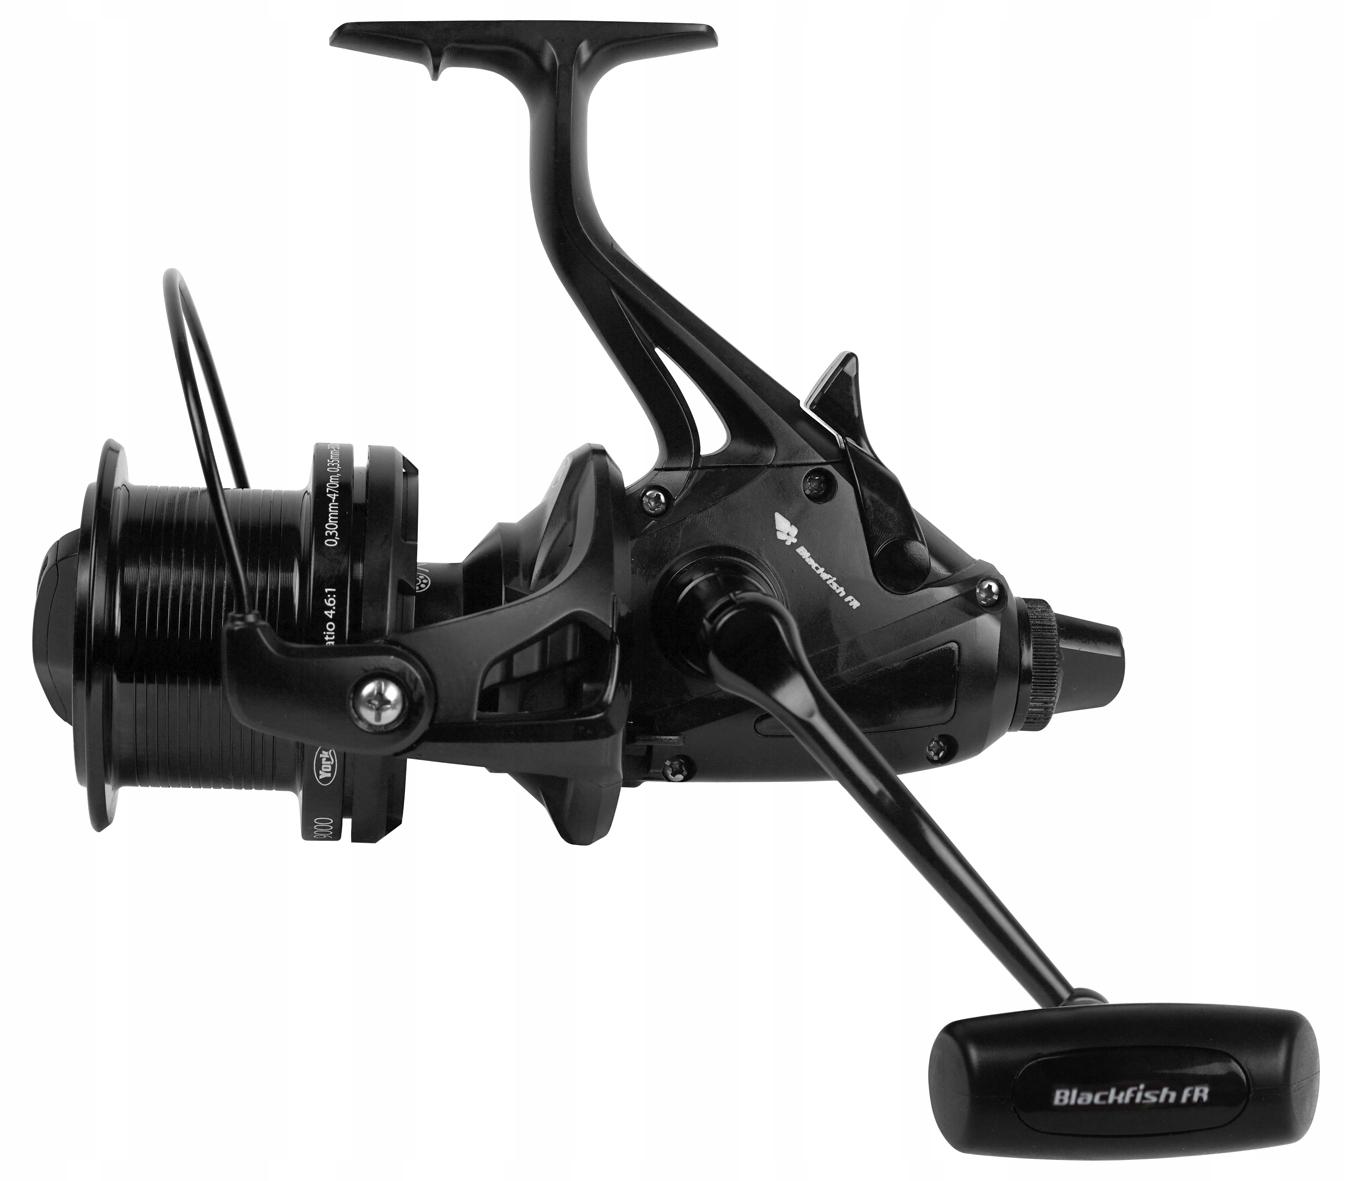 Cievka YORK BlackFish 9000 FR podberákov Silné